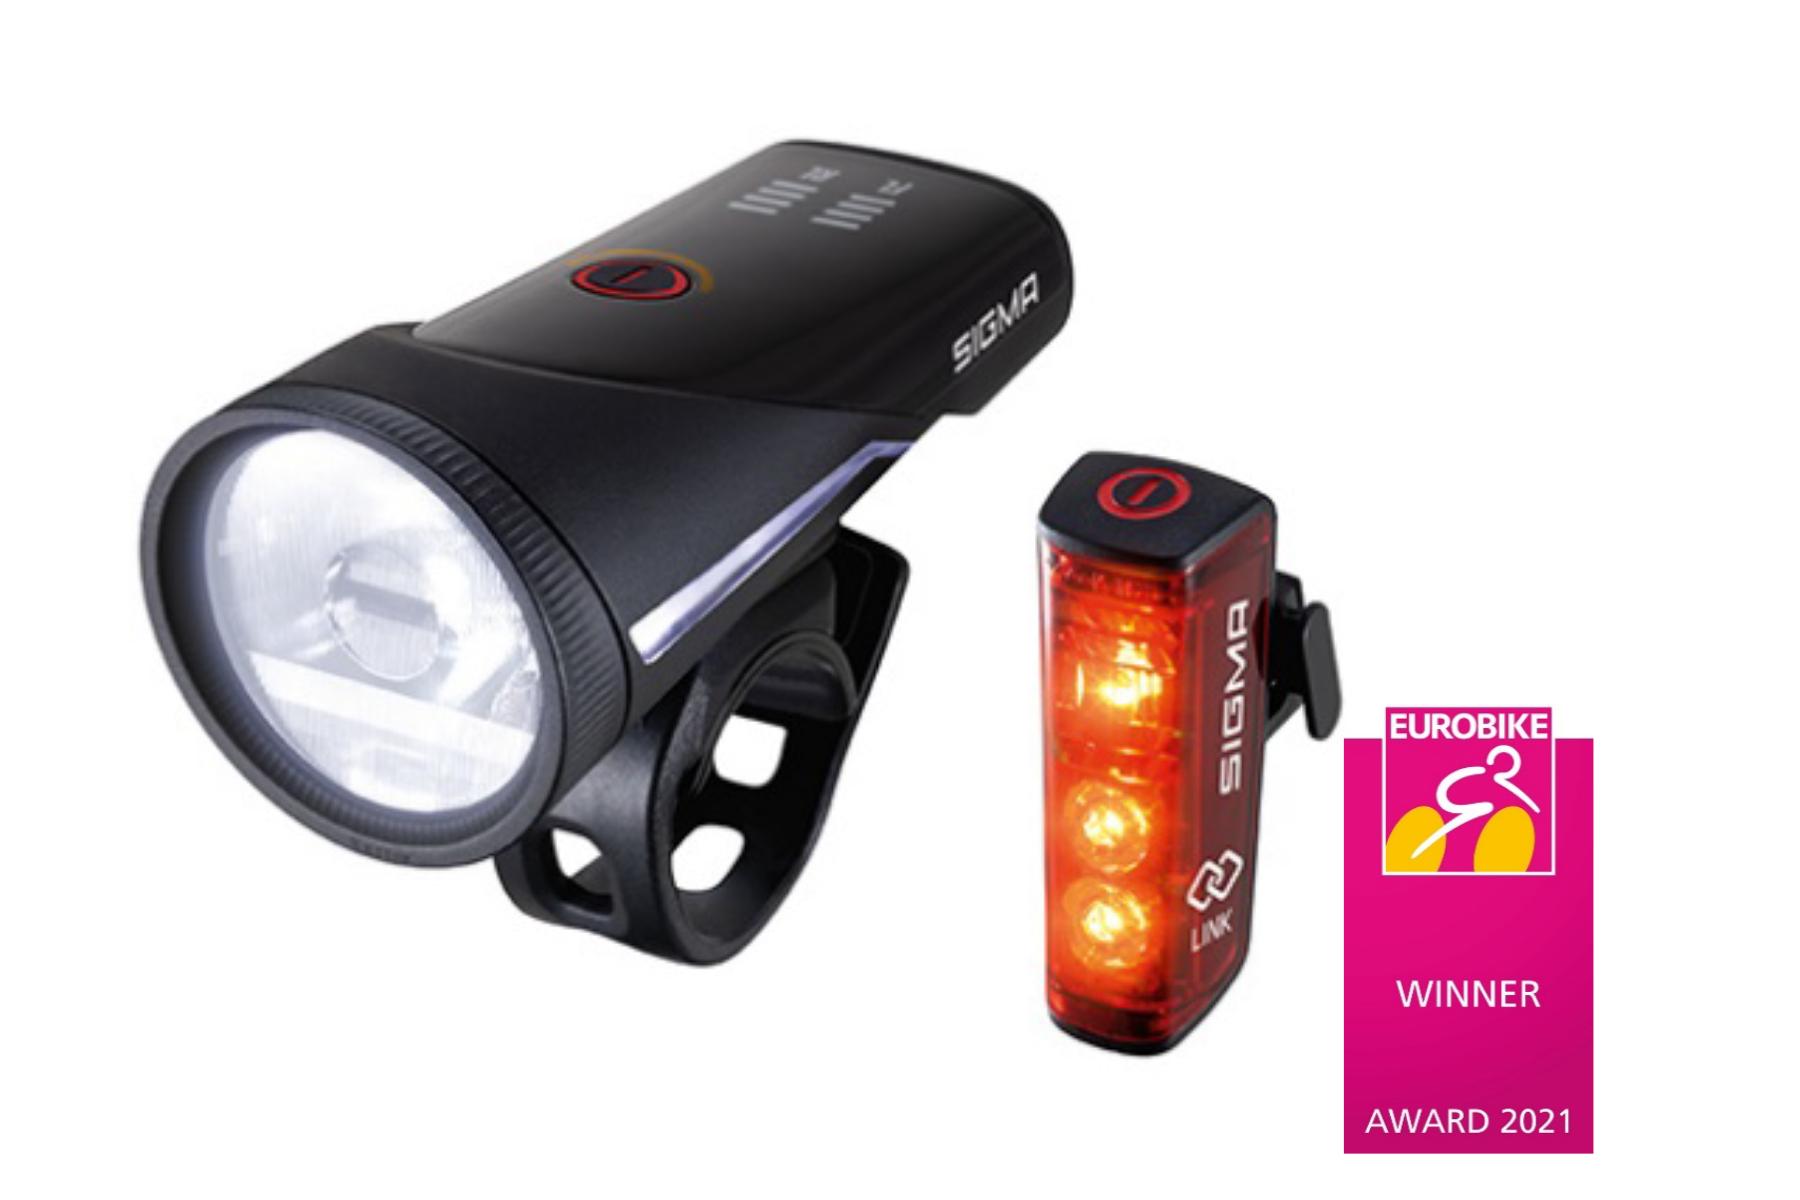 Strahlender Sieger: AURA 100 / BLAZE LINK Set von SIGMA SPORT gewinnt Eurobike Award